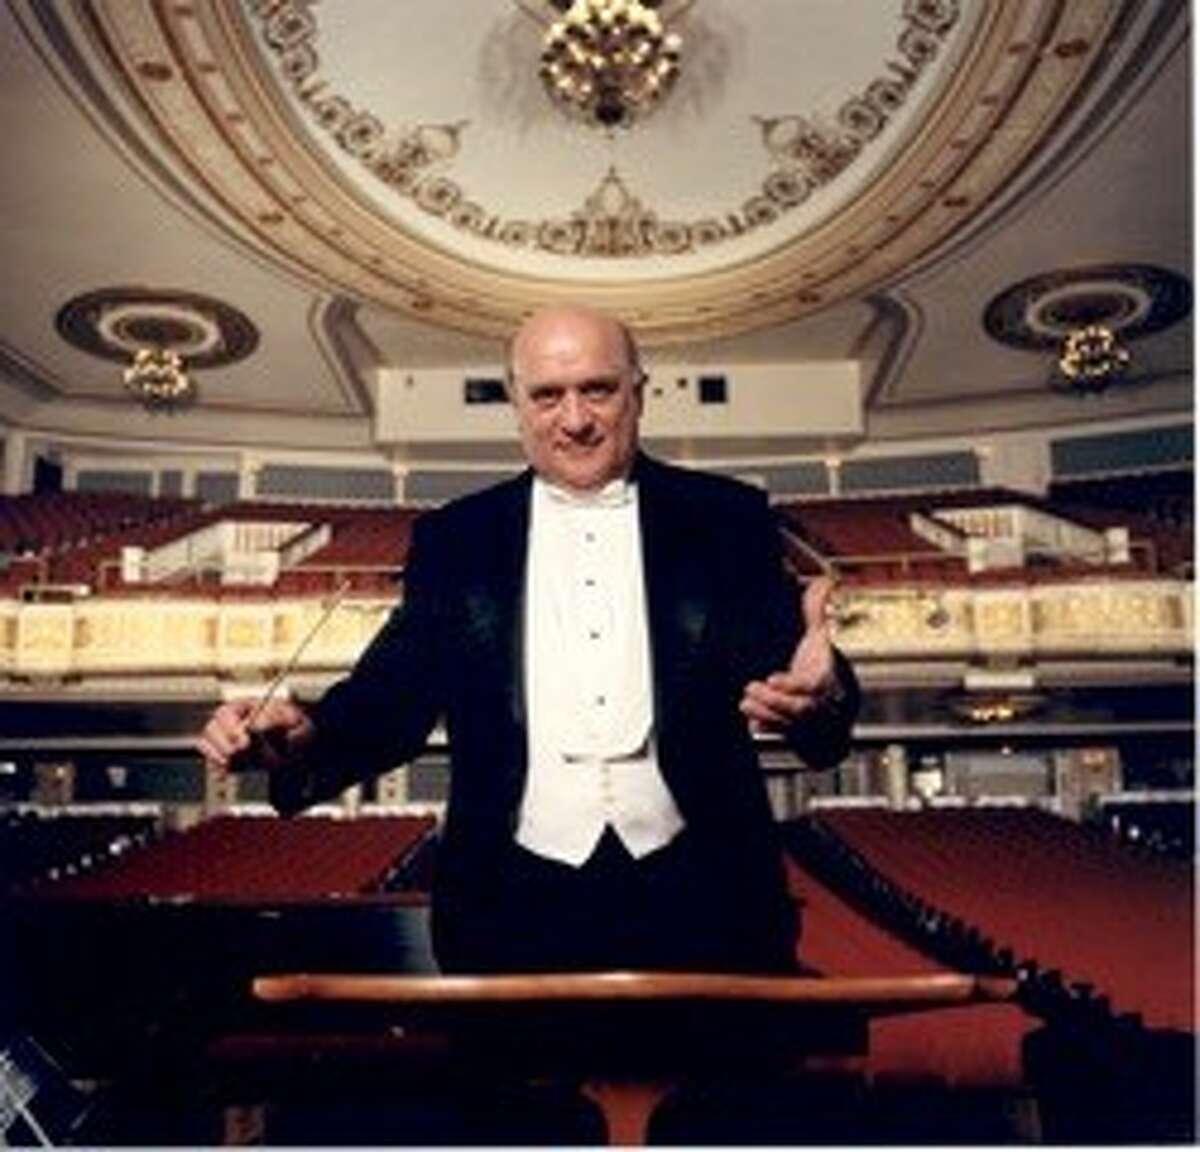 Conductor Charles Schneider